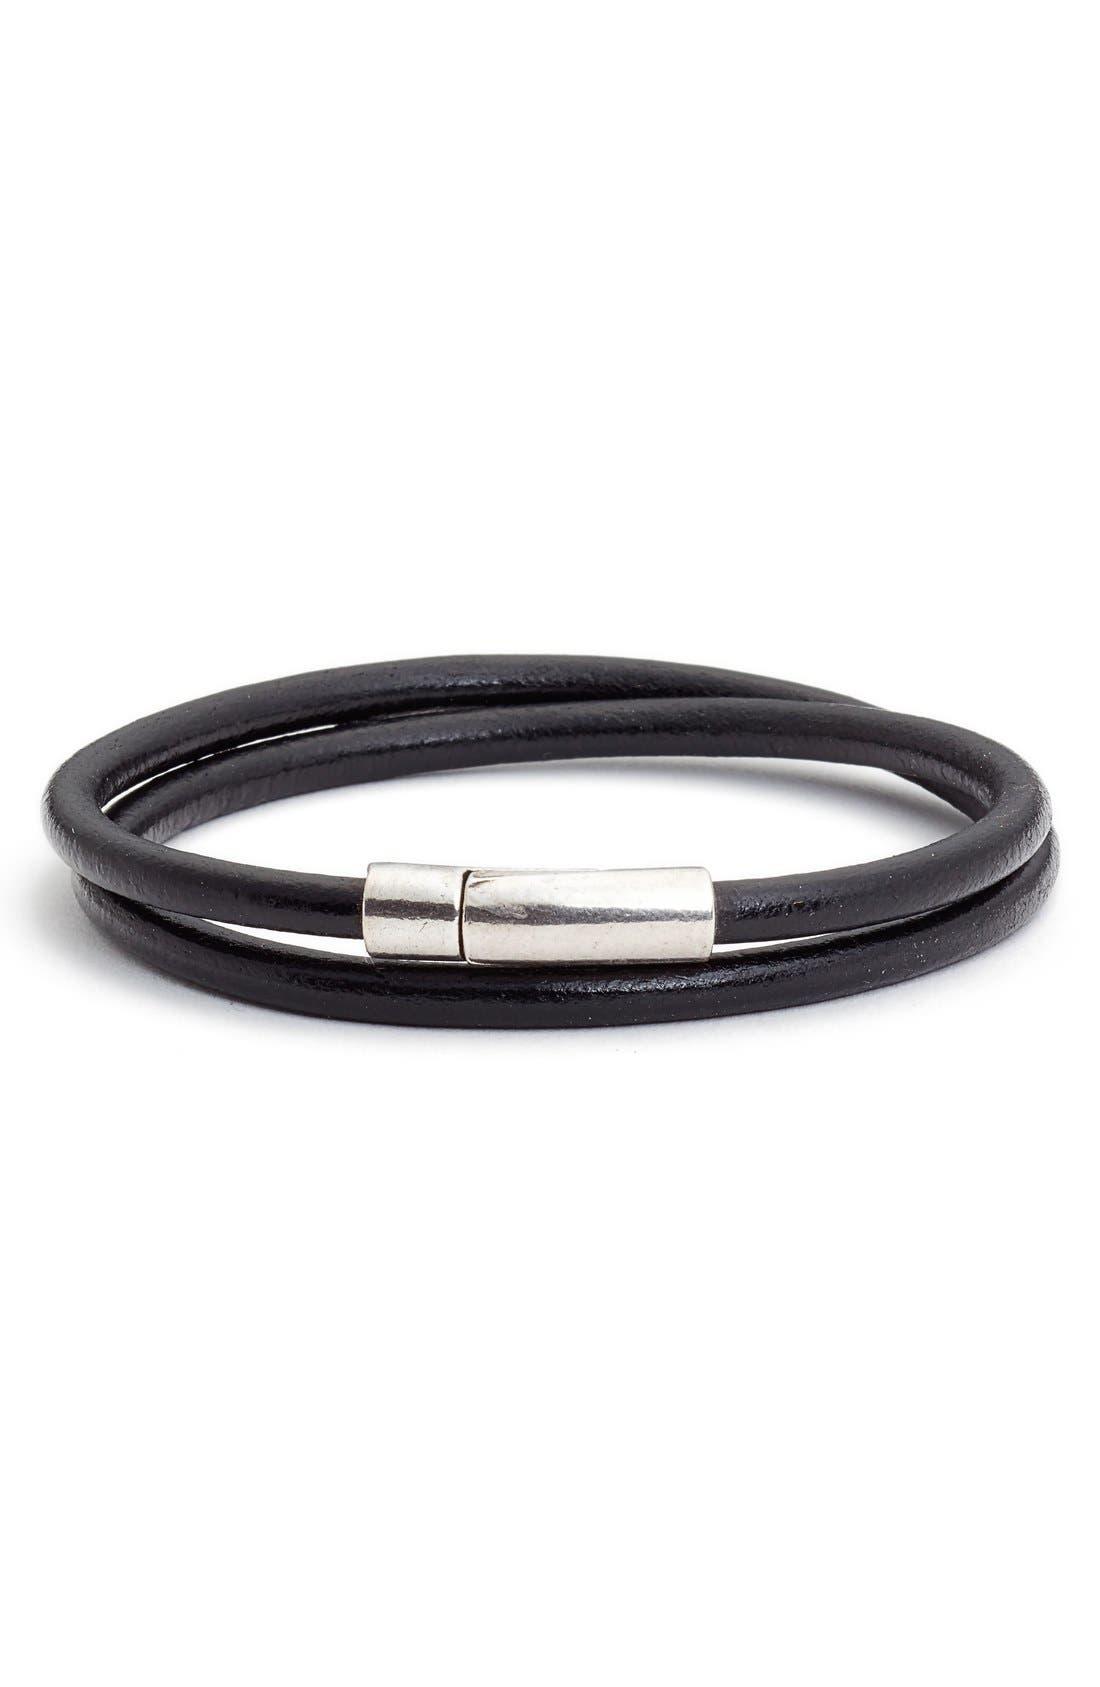 Leather Wrap Bracelet,                         Main,                         color, Black